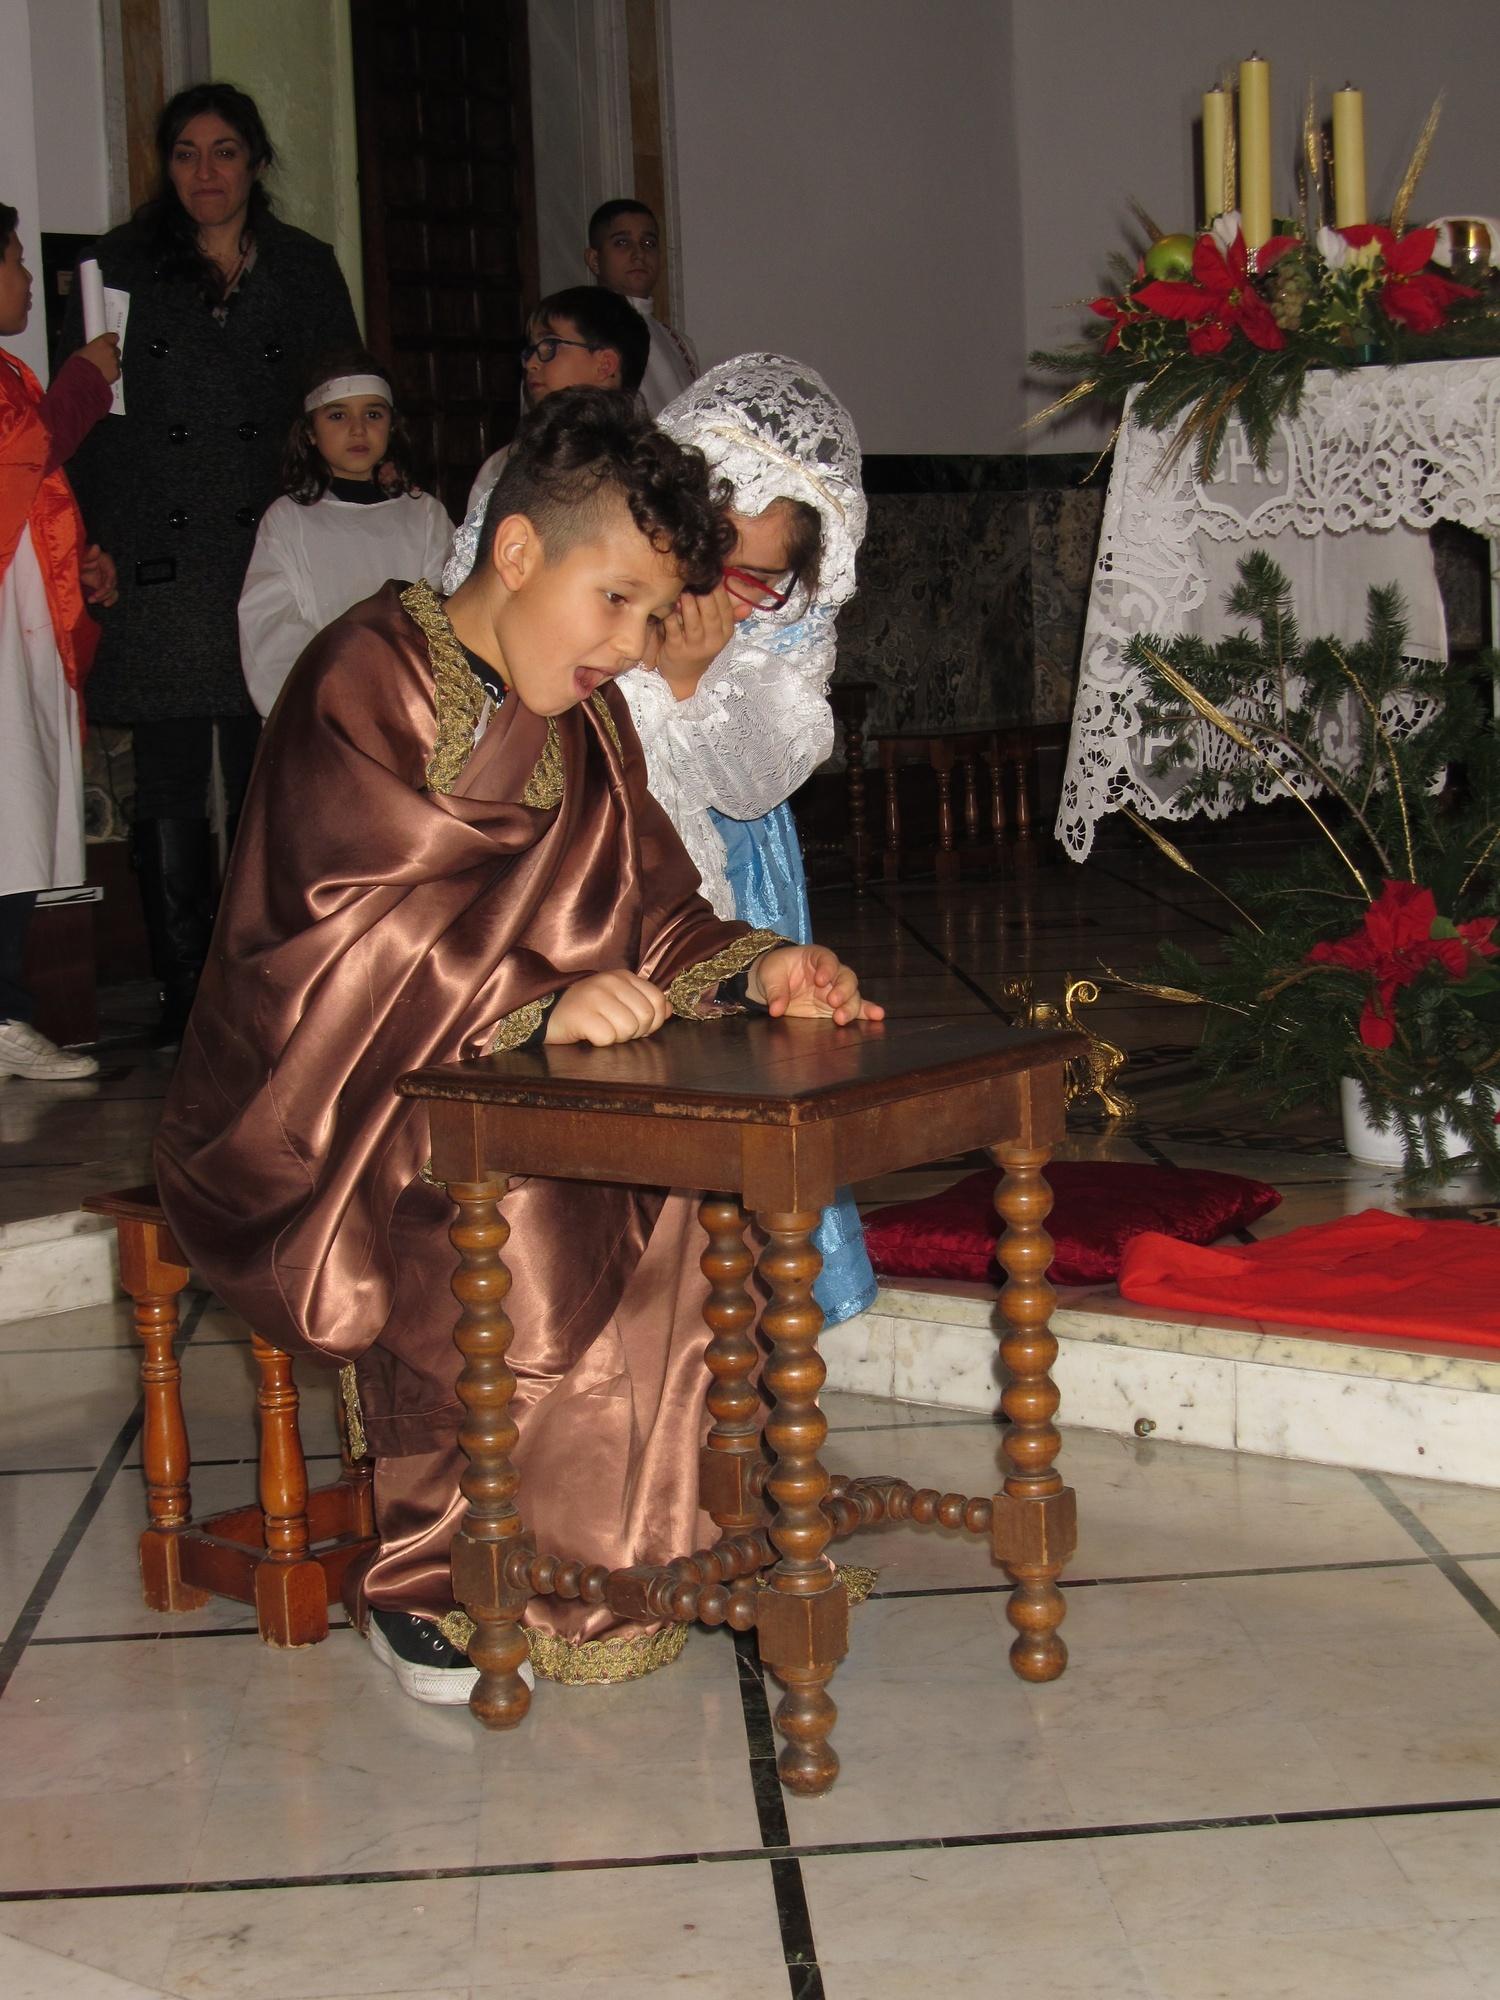 recita-catechismo-natale-mezzanotte-2015-12-25-00-06-31